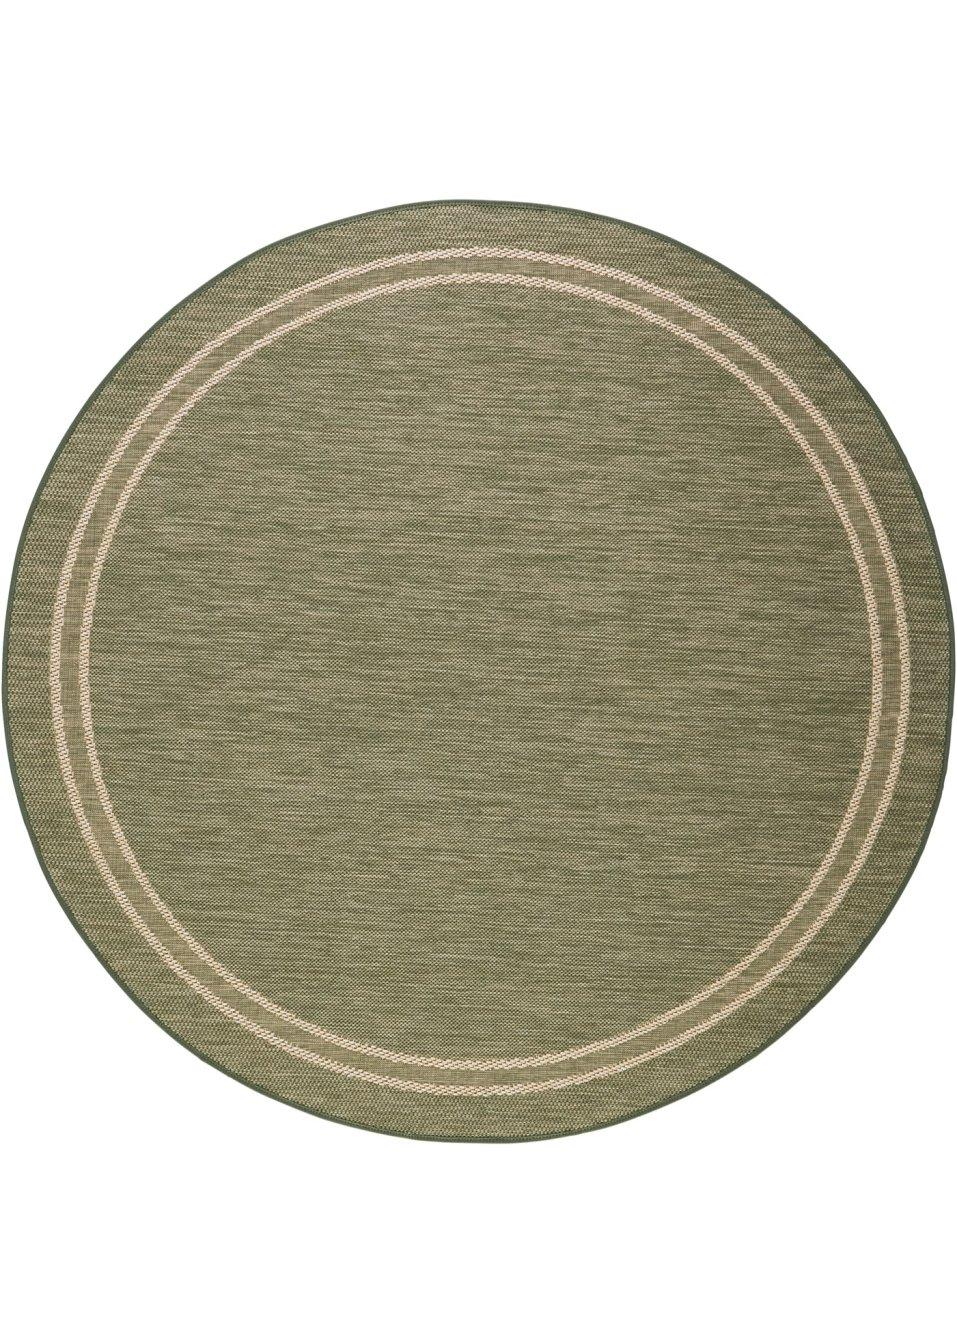 runder teppich elba f r den innen und au enbereich gr n. Black Bedroom Furniture Sets. Home Design Ideas